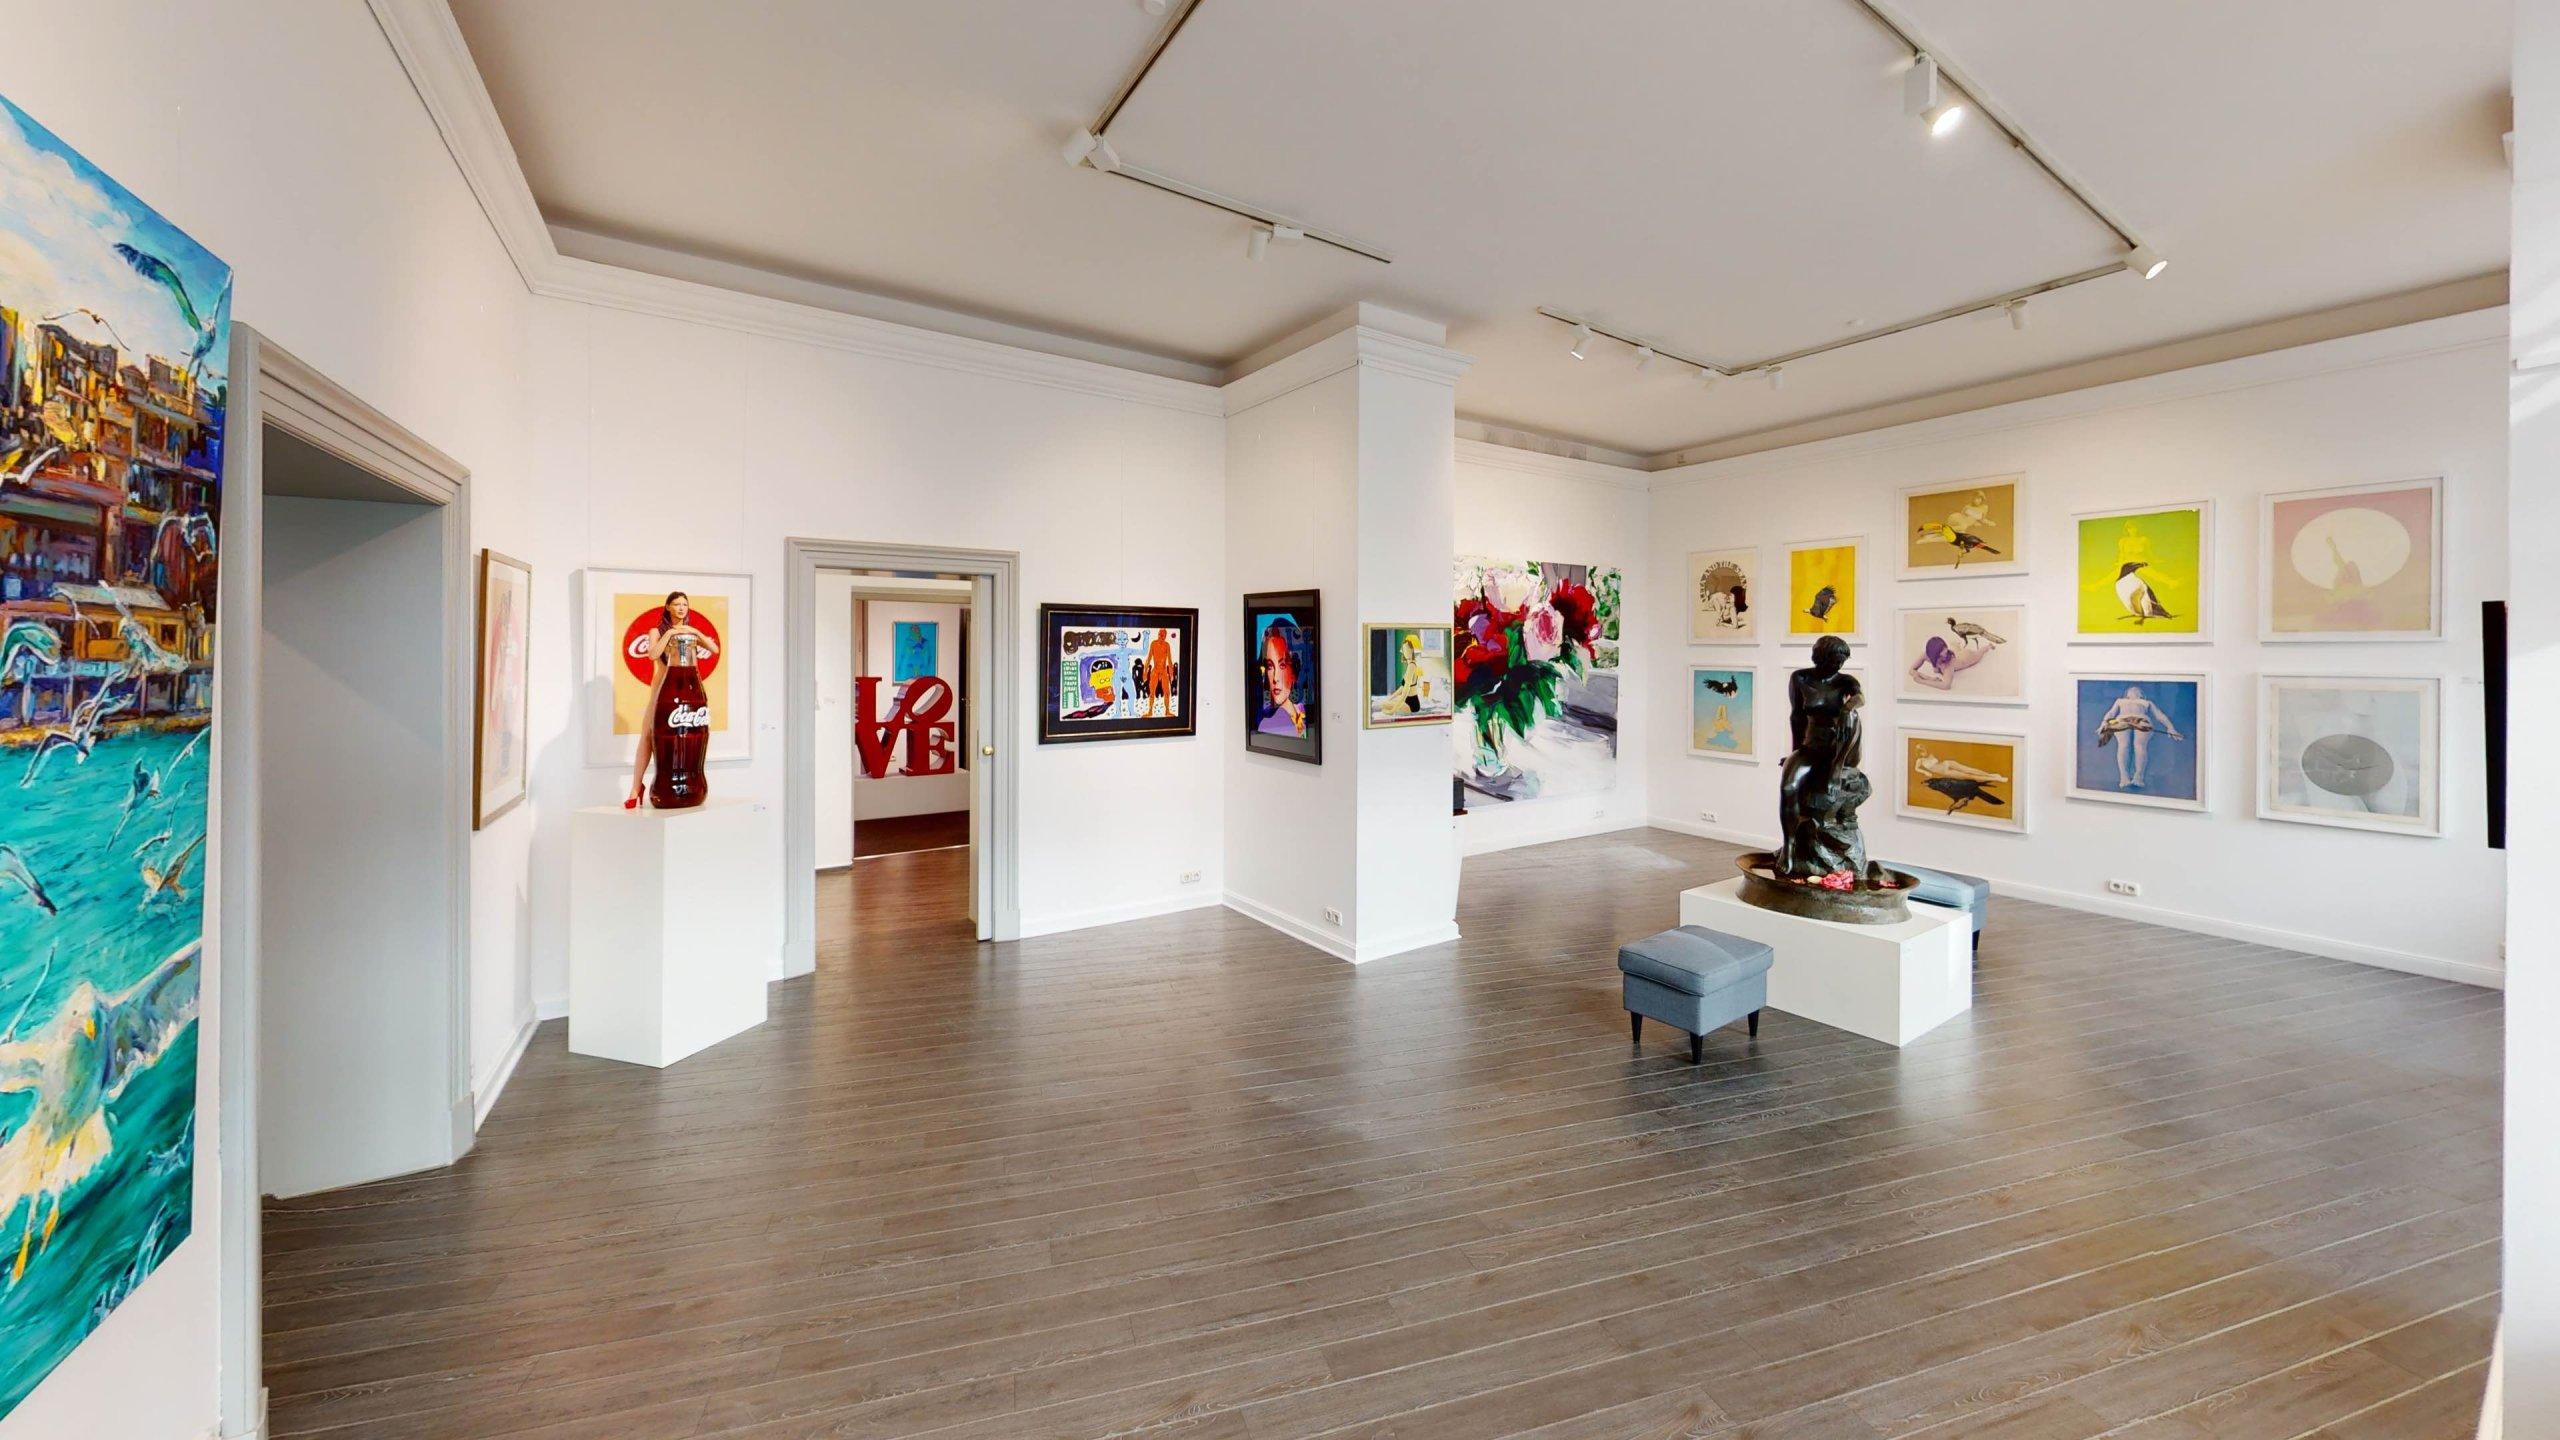 Virtueller Rundgang für die Galerie Baumgartl in München